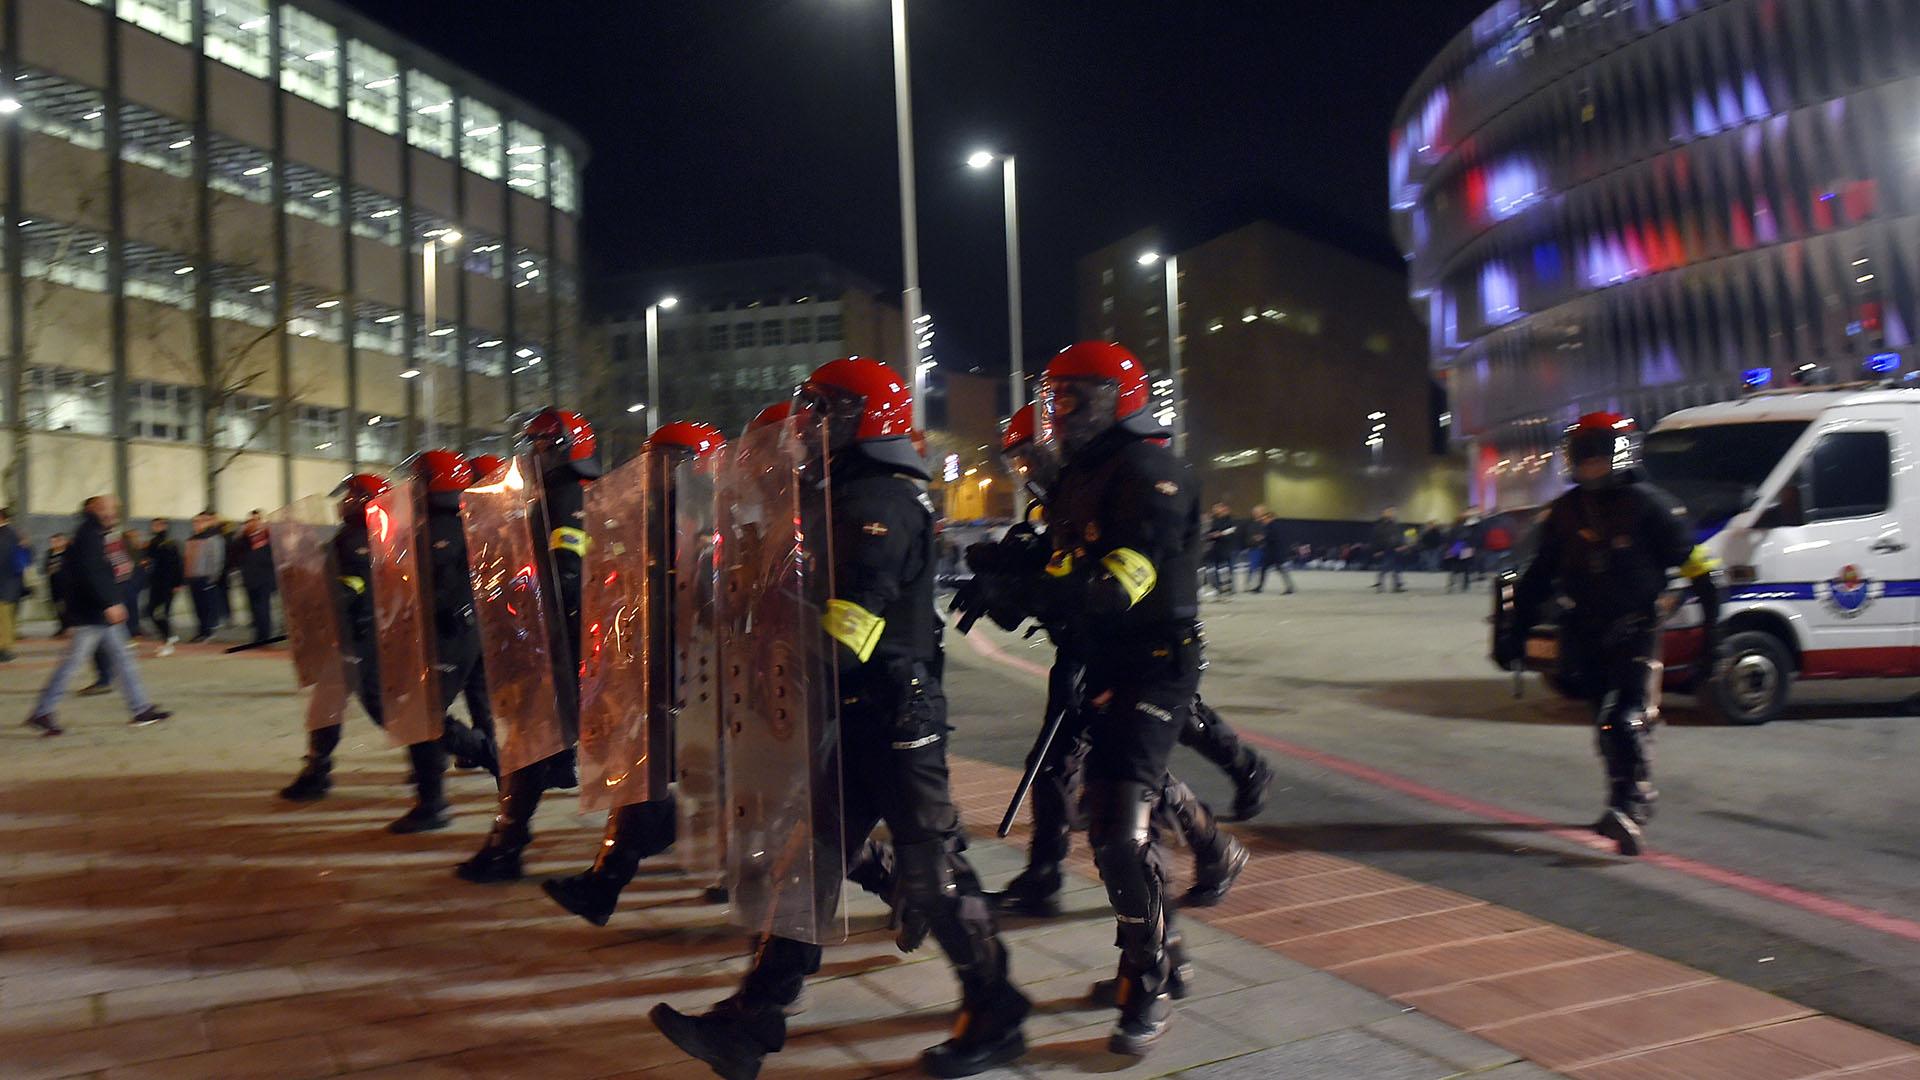 El operativo contó con 500 ertzainas, 100 policías municipales y 200 agentes de seguridad